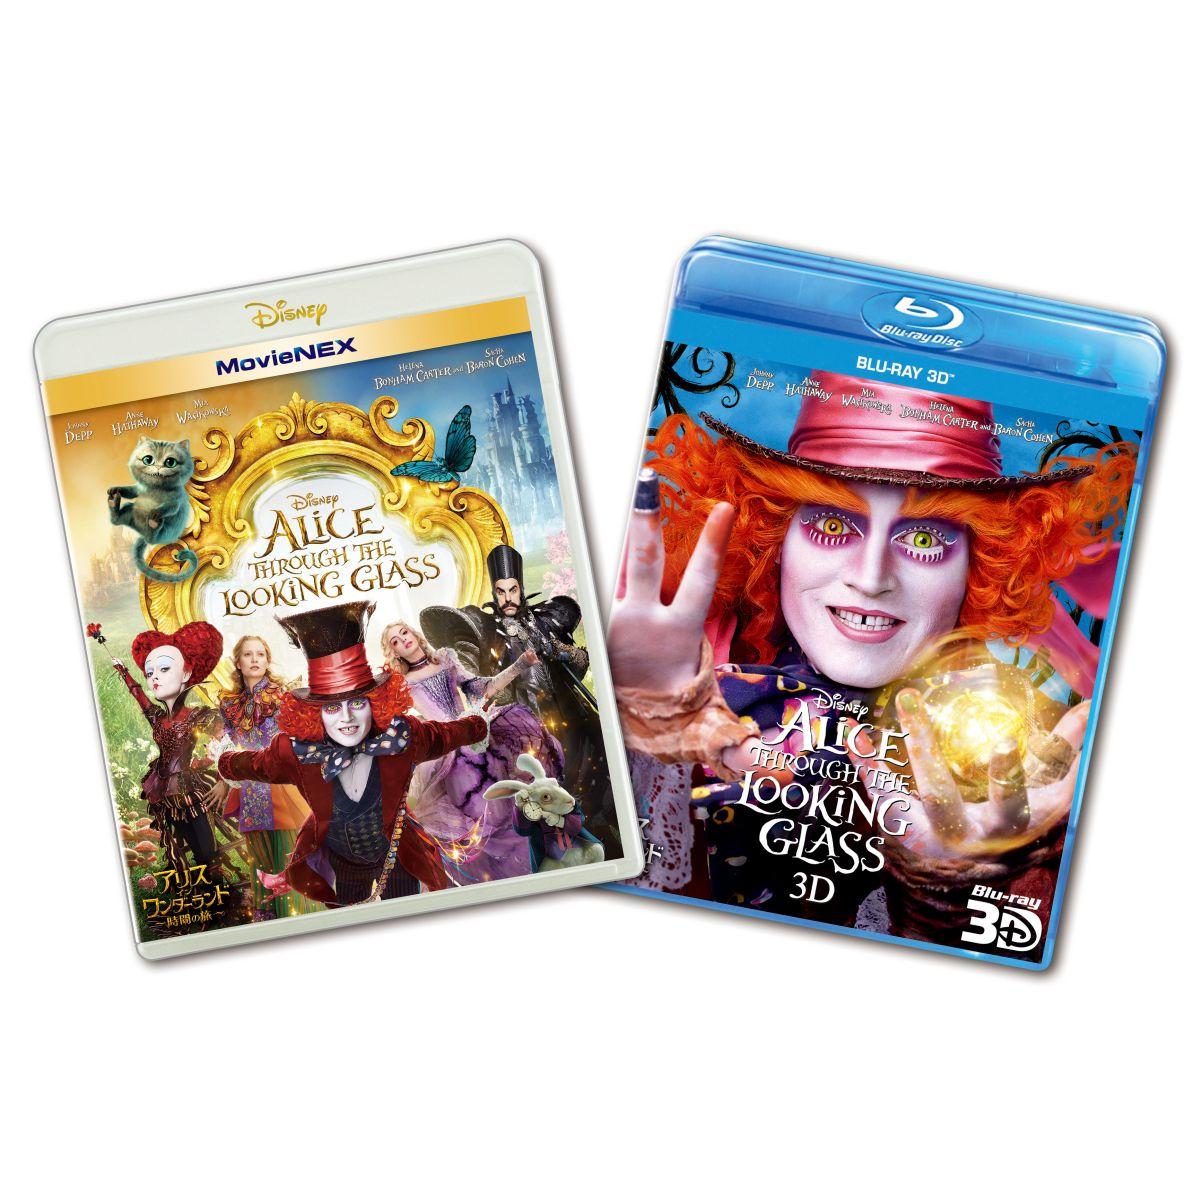 オンライン予約限定商品 アリス・イン・ワンダーランド/時間の旅 MovieNEXプラス3D